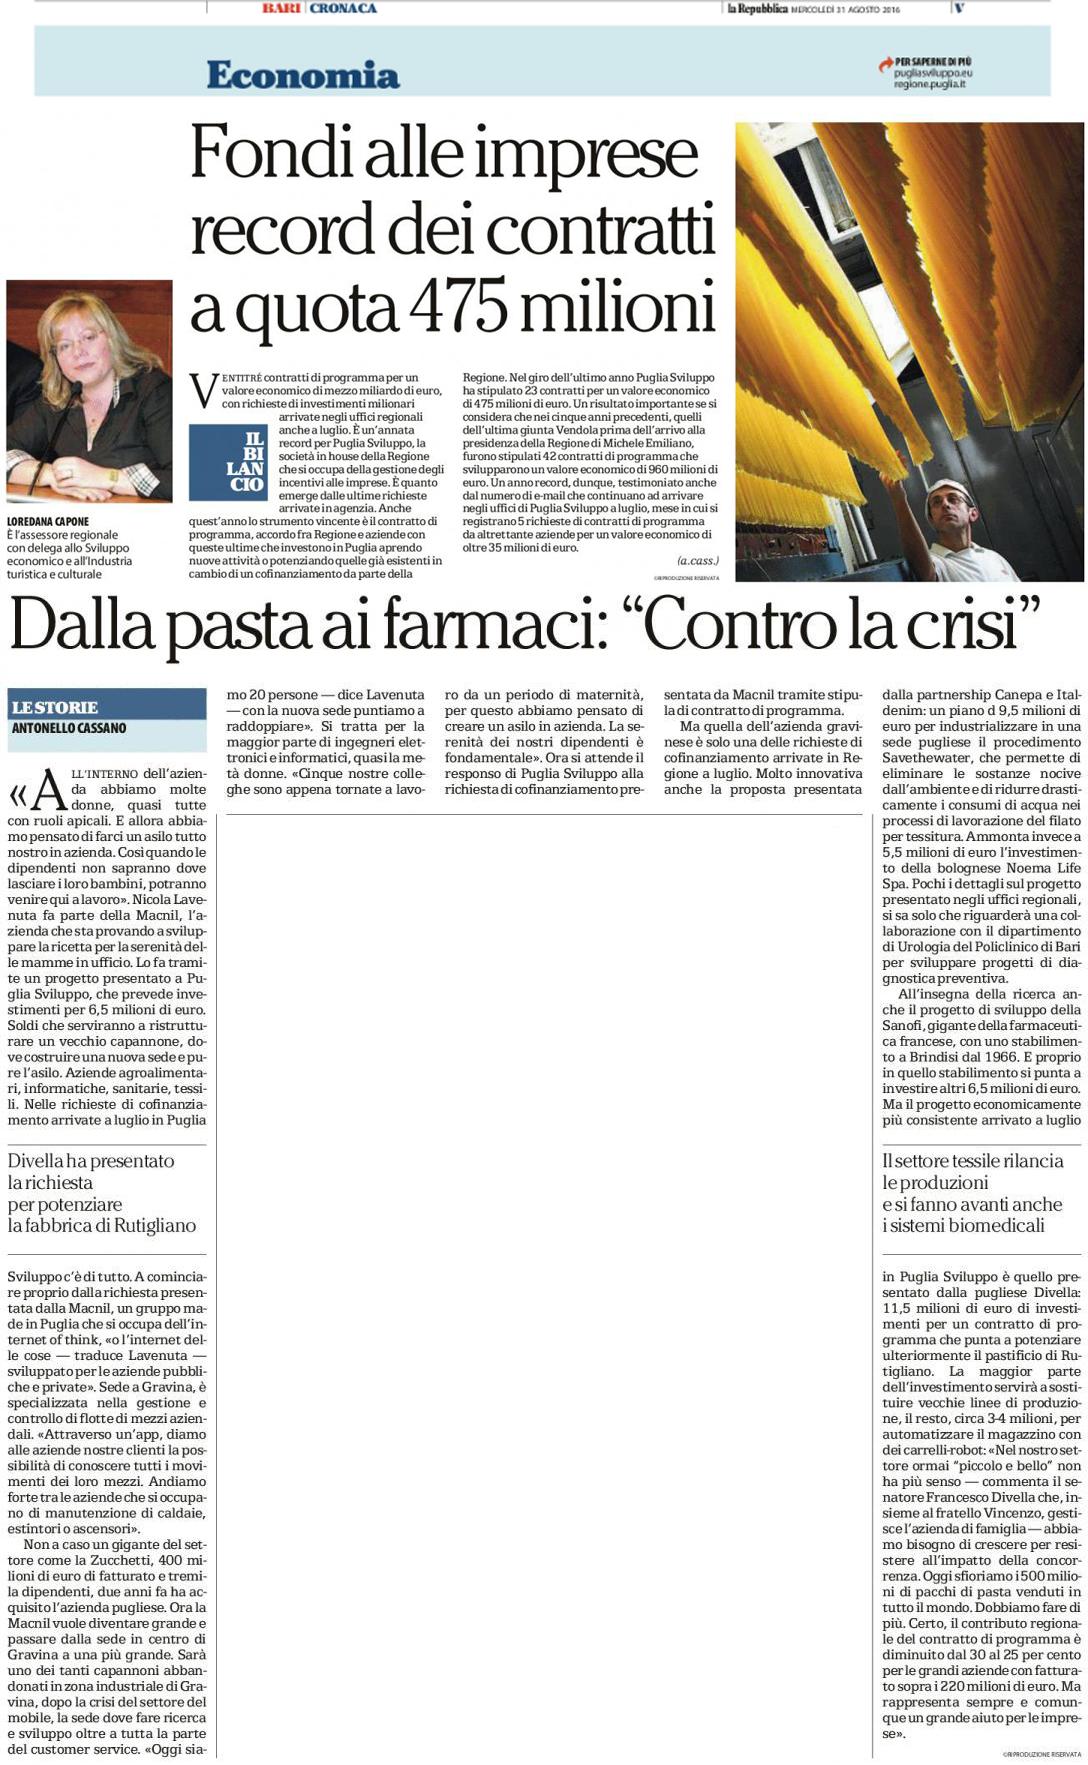 articolo_repubblica